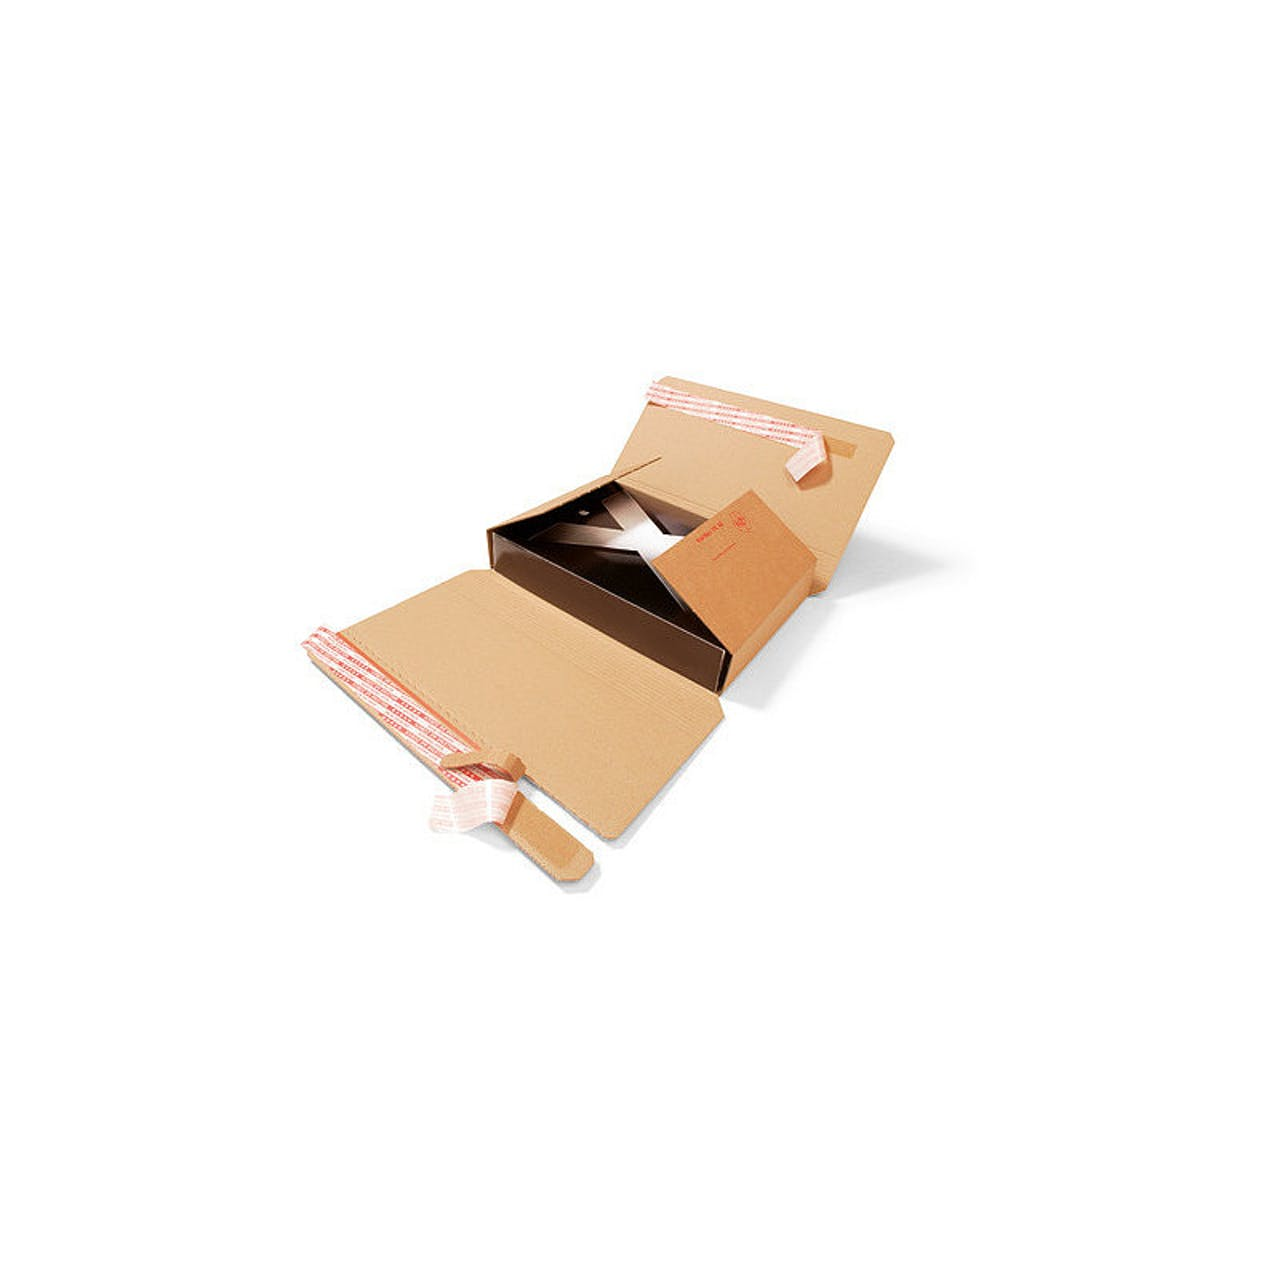 Buchverpackung, 2-wellig, 320 x 455 mm, DIN A3, Füllhöhe 10–110 mm